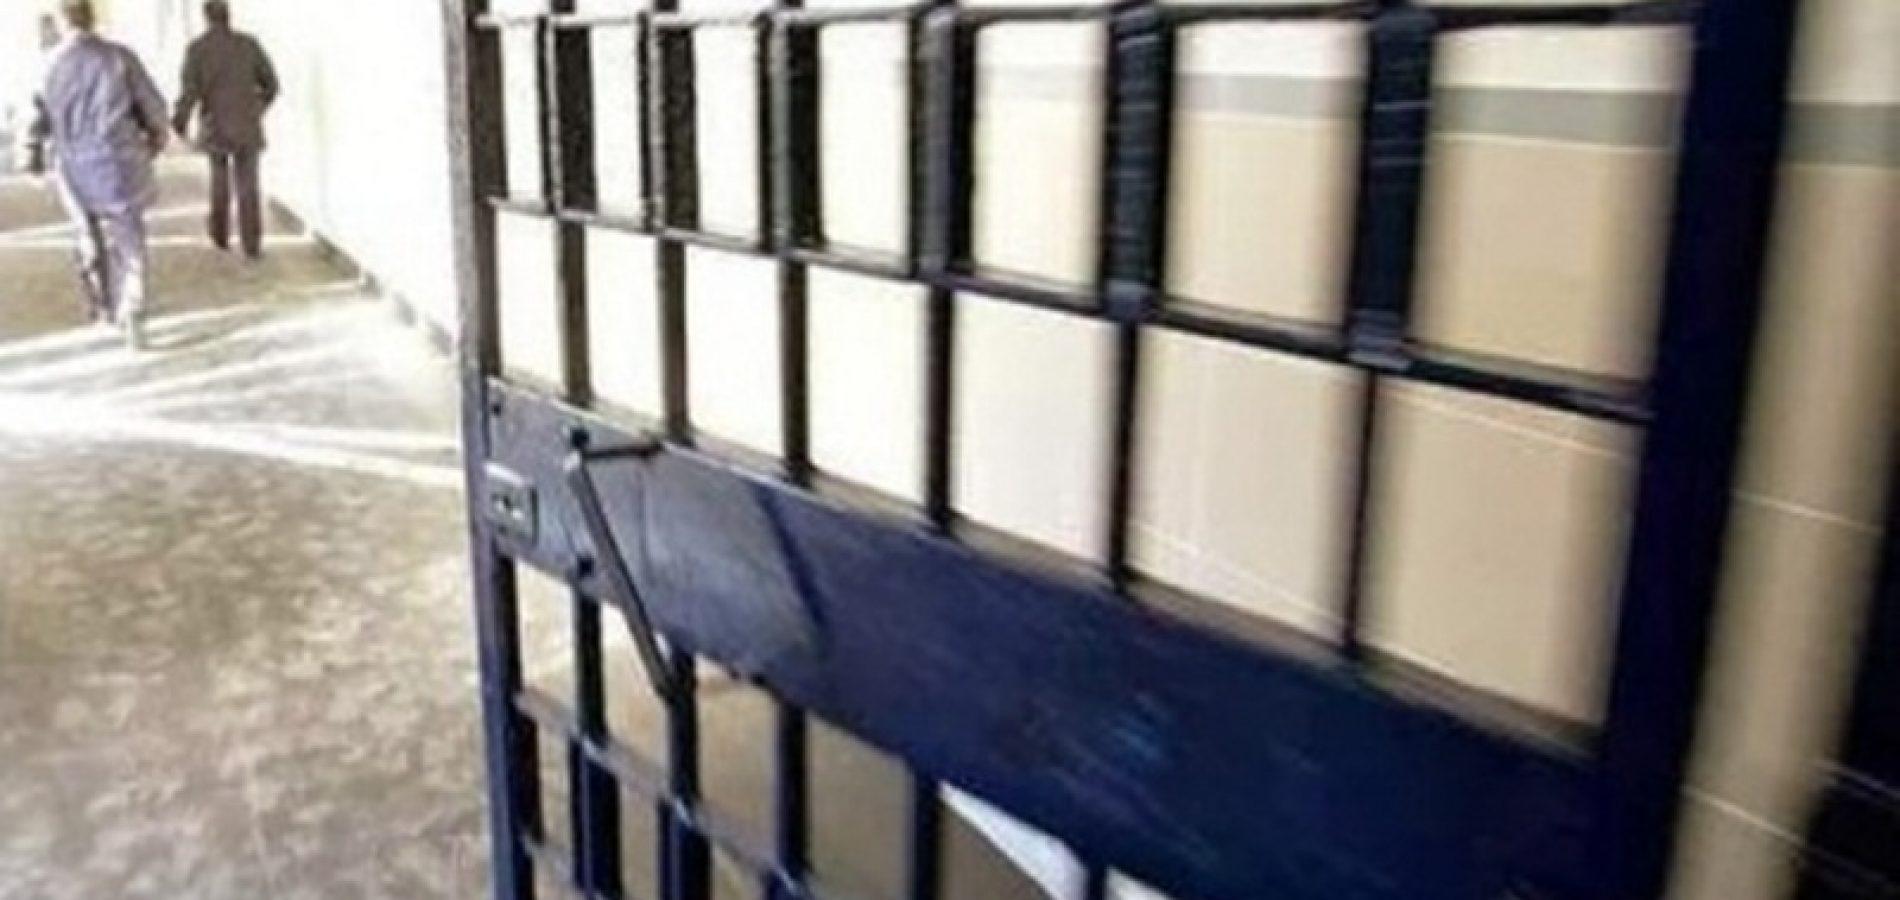 Saída temporária do Dia das Crianças libera 300 presos do sistema prisional do Piauí